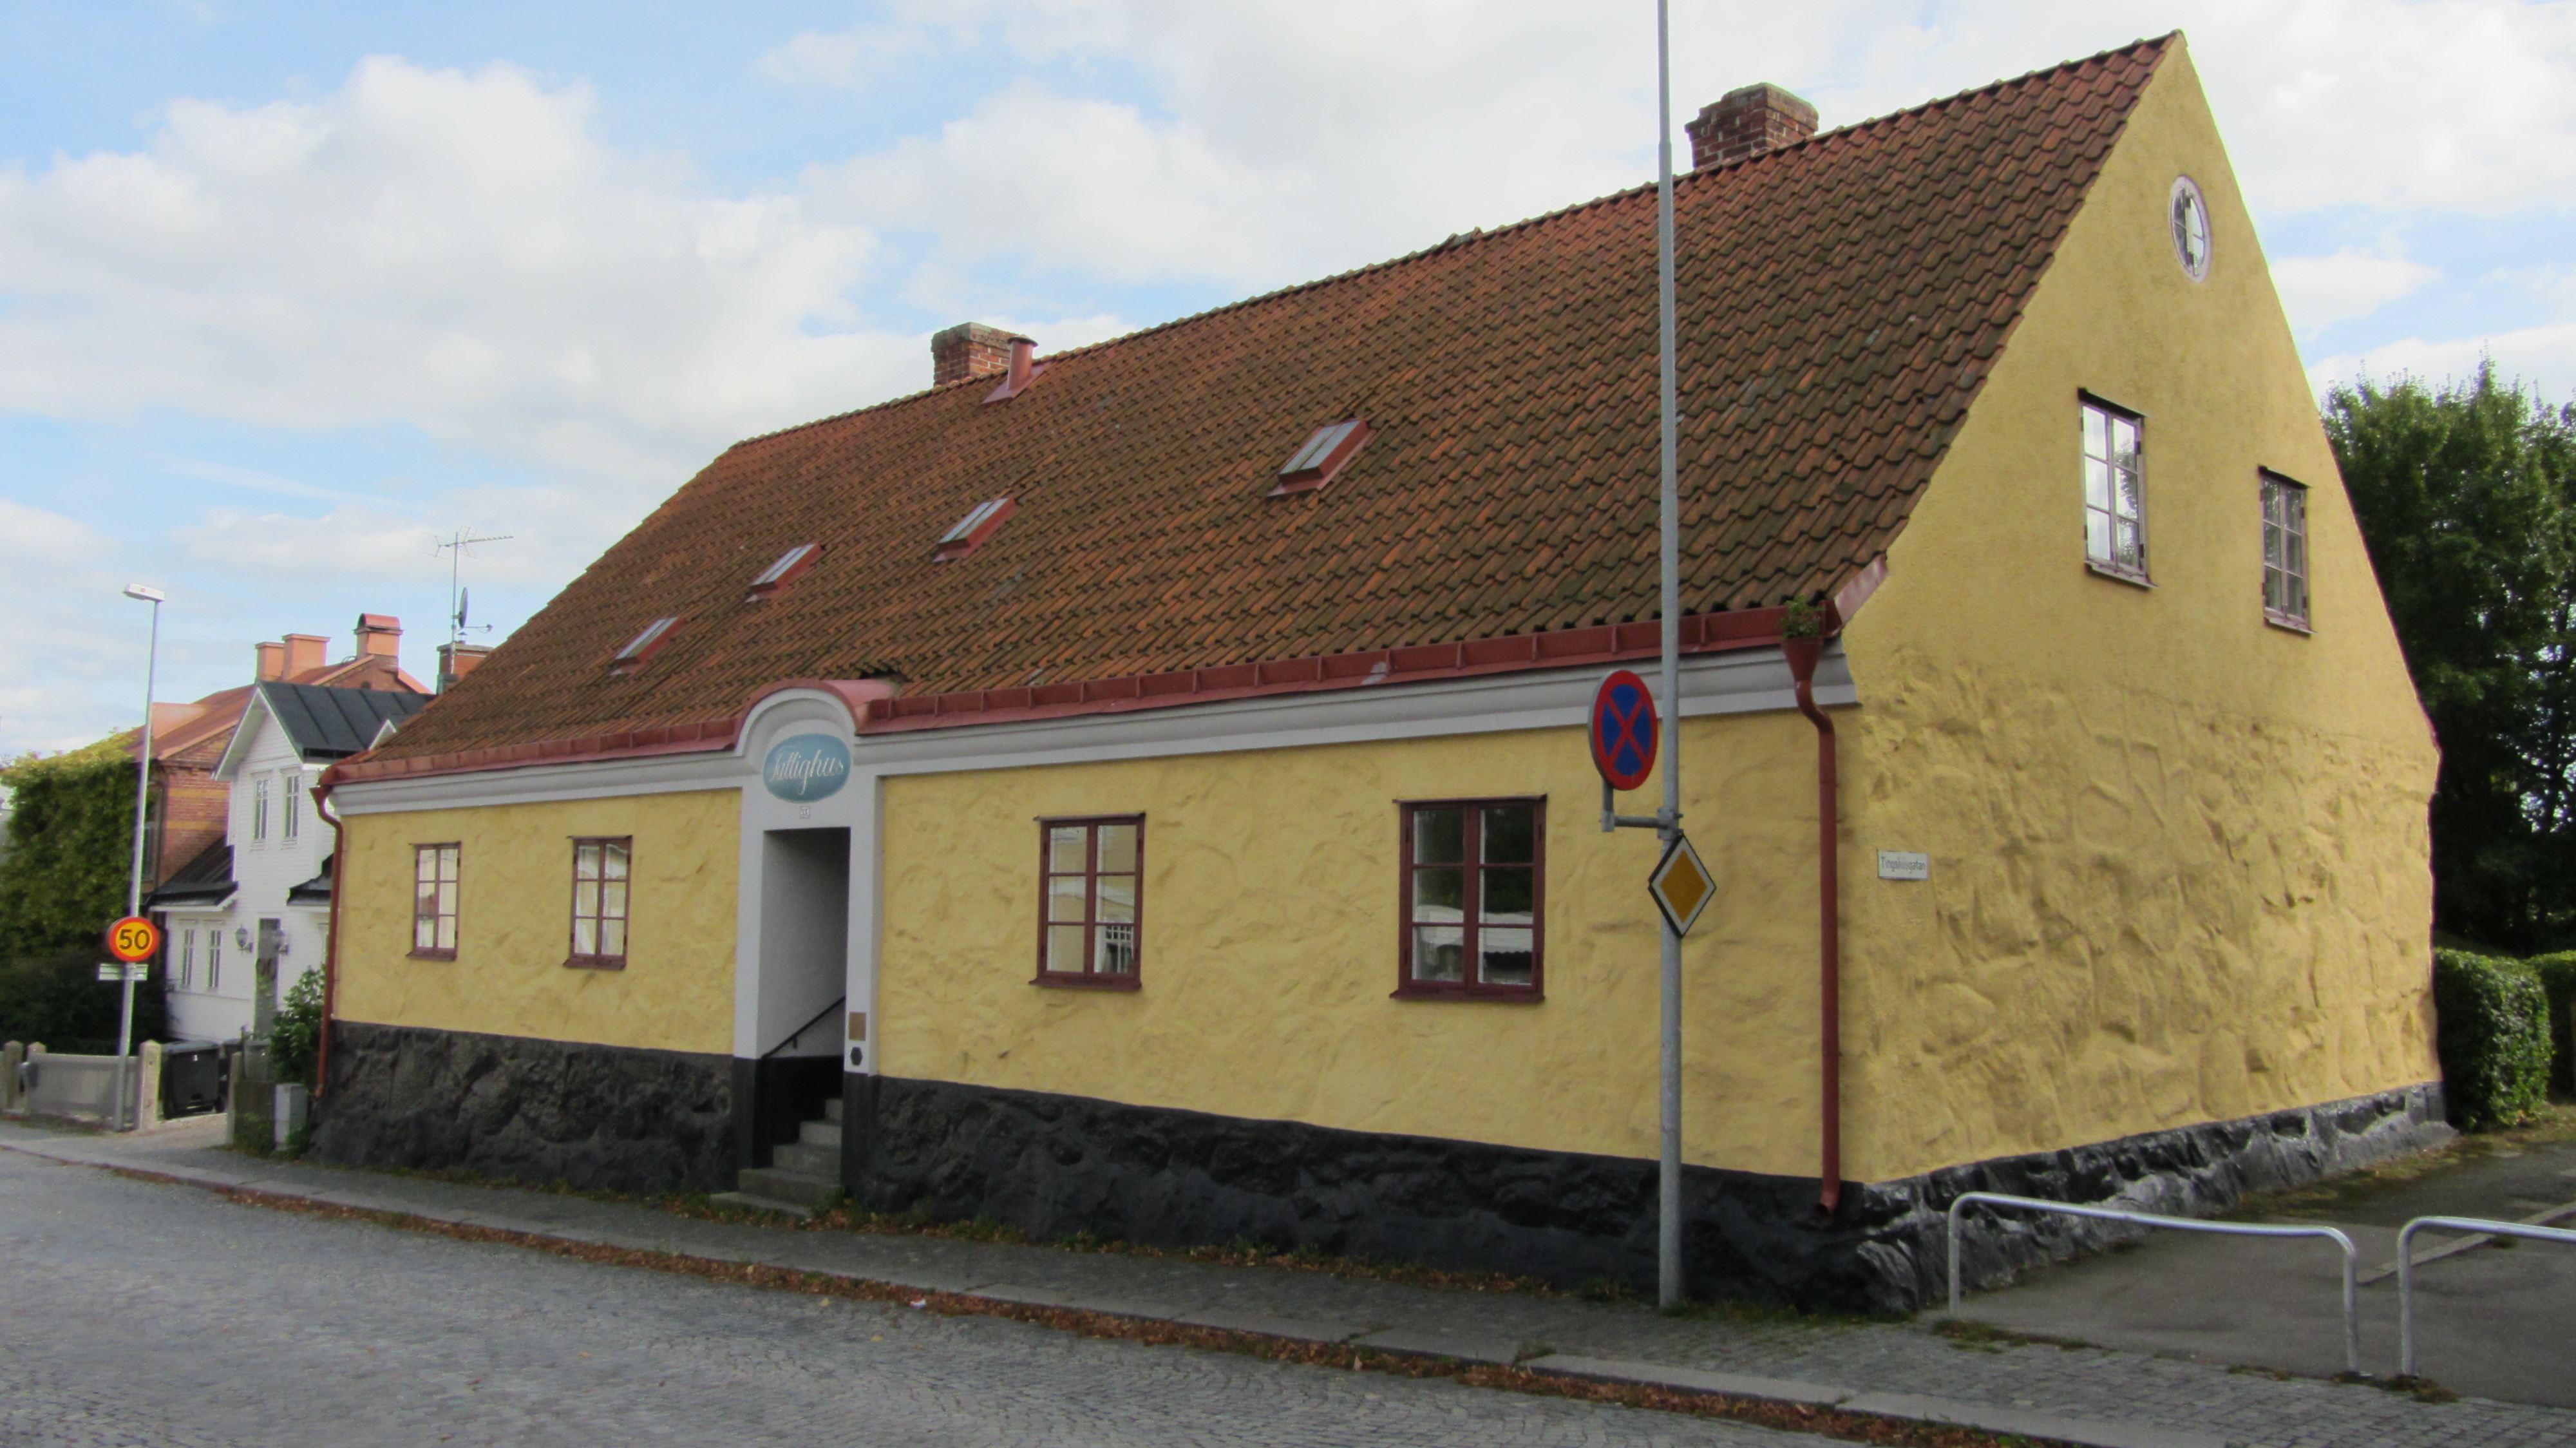 Armenhaus. - historisches Gebäude